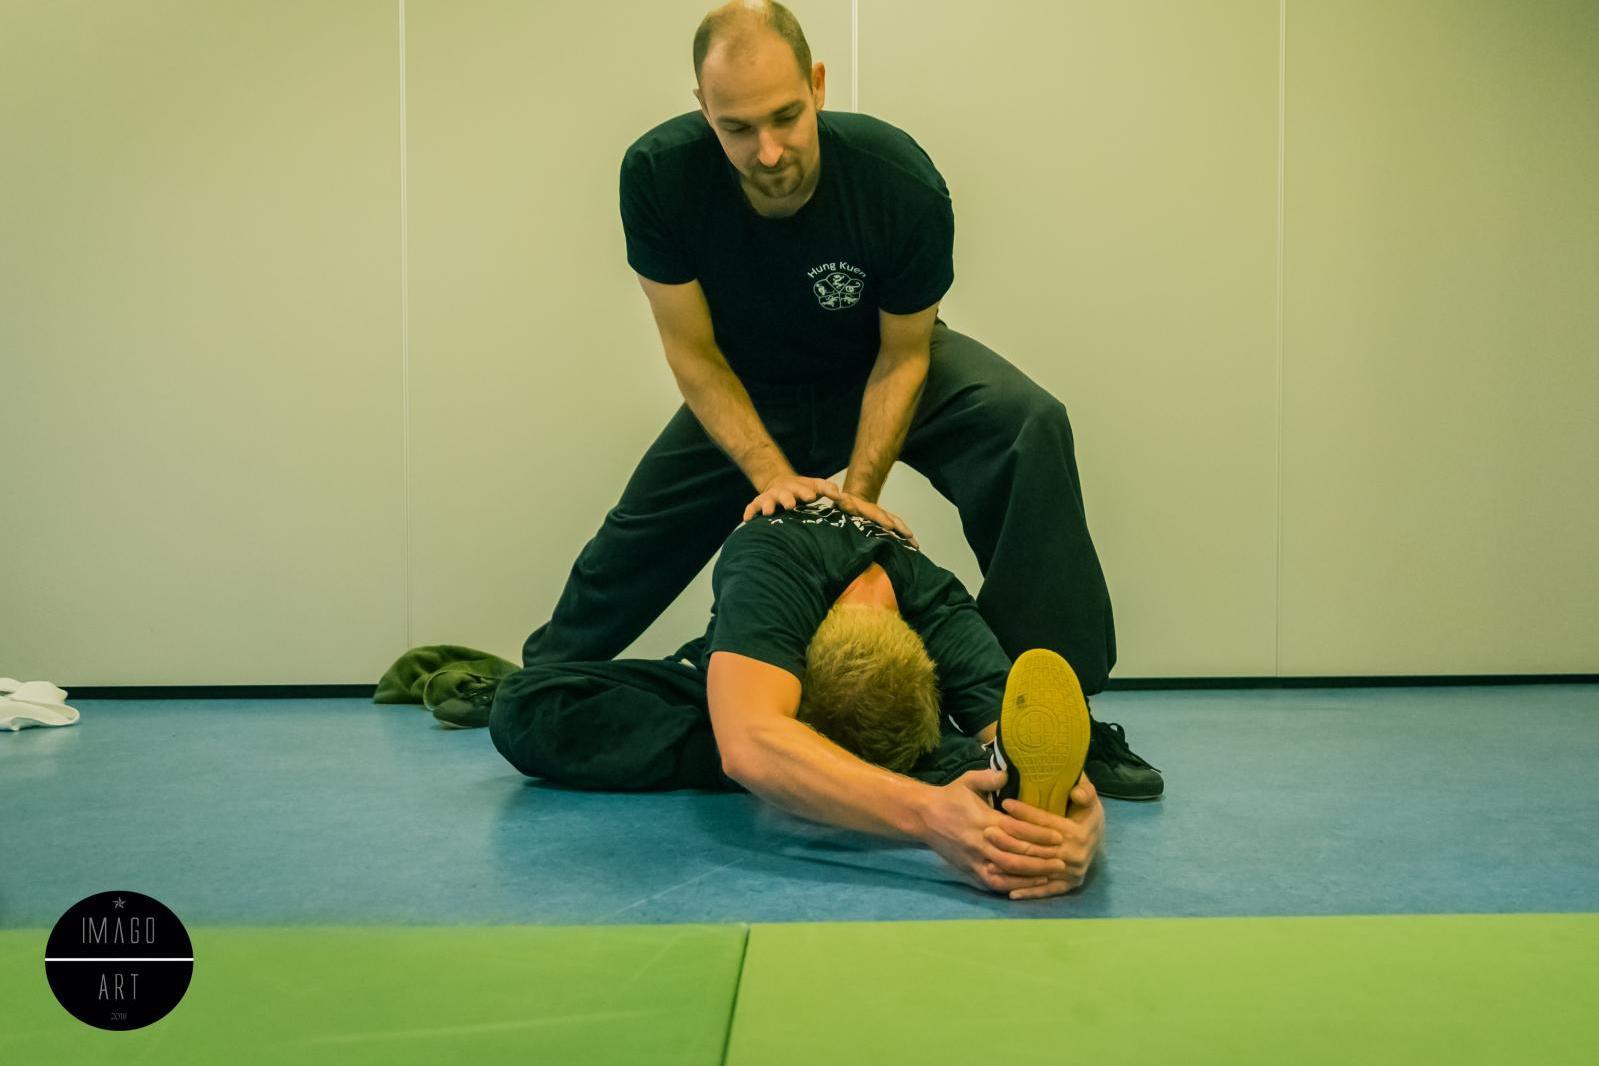 Wir unterstützen uns Gegenseitig im Training